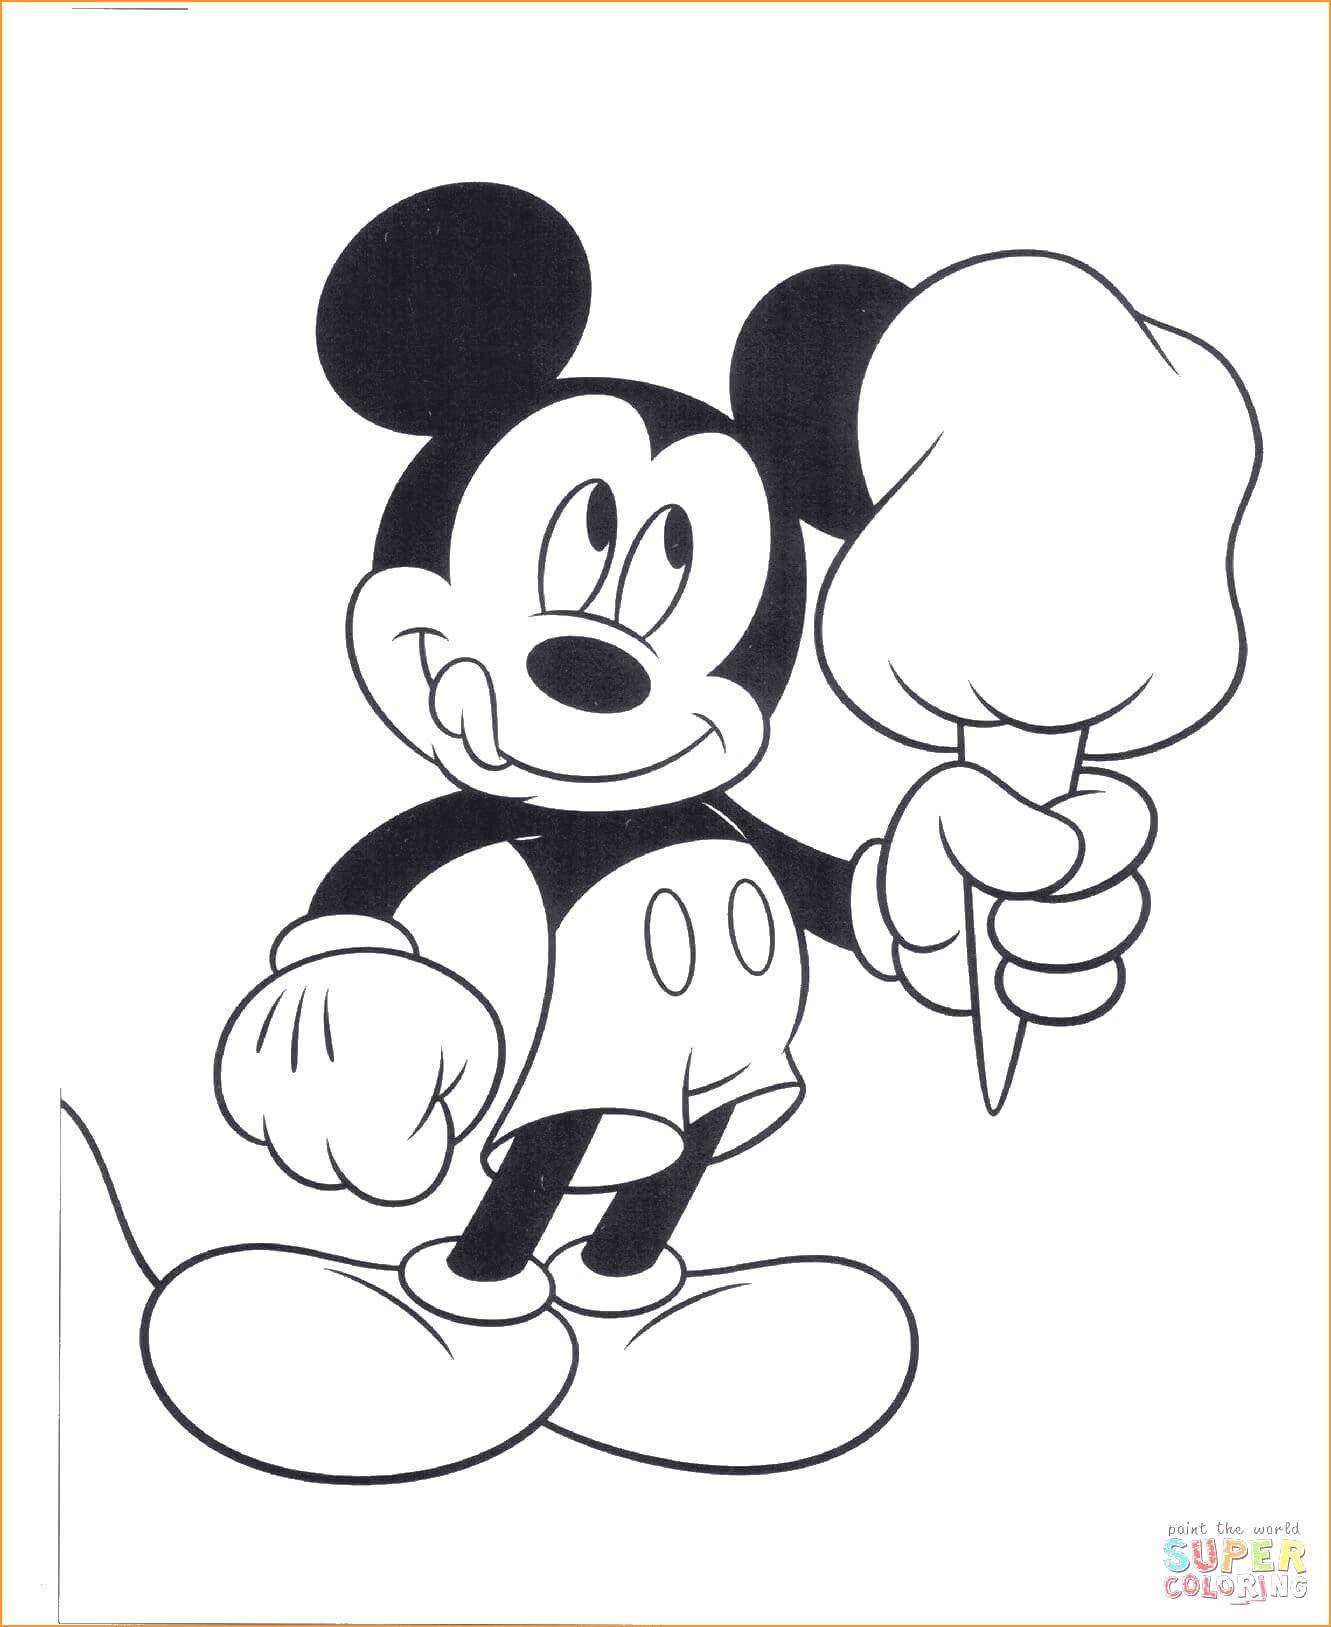 Mini Maus Ausmalbilder Frisch Mickey and Minnie Christmas Coloring Pages Coloring Page Christmas Das Bild